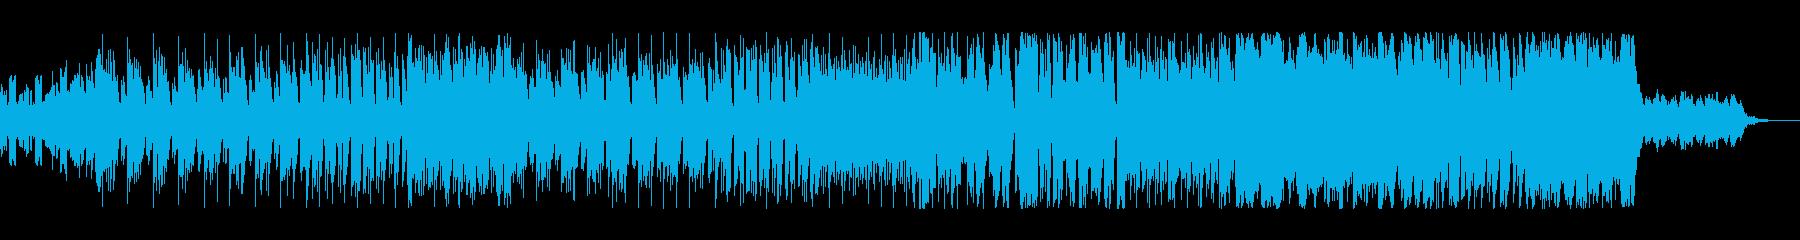 疾走感・捜査感たっぷりのEDMの再生済みの波形